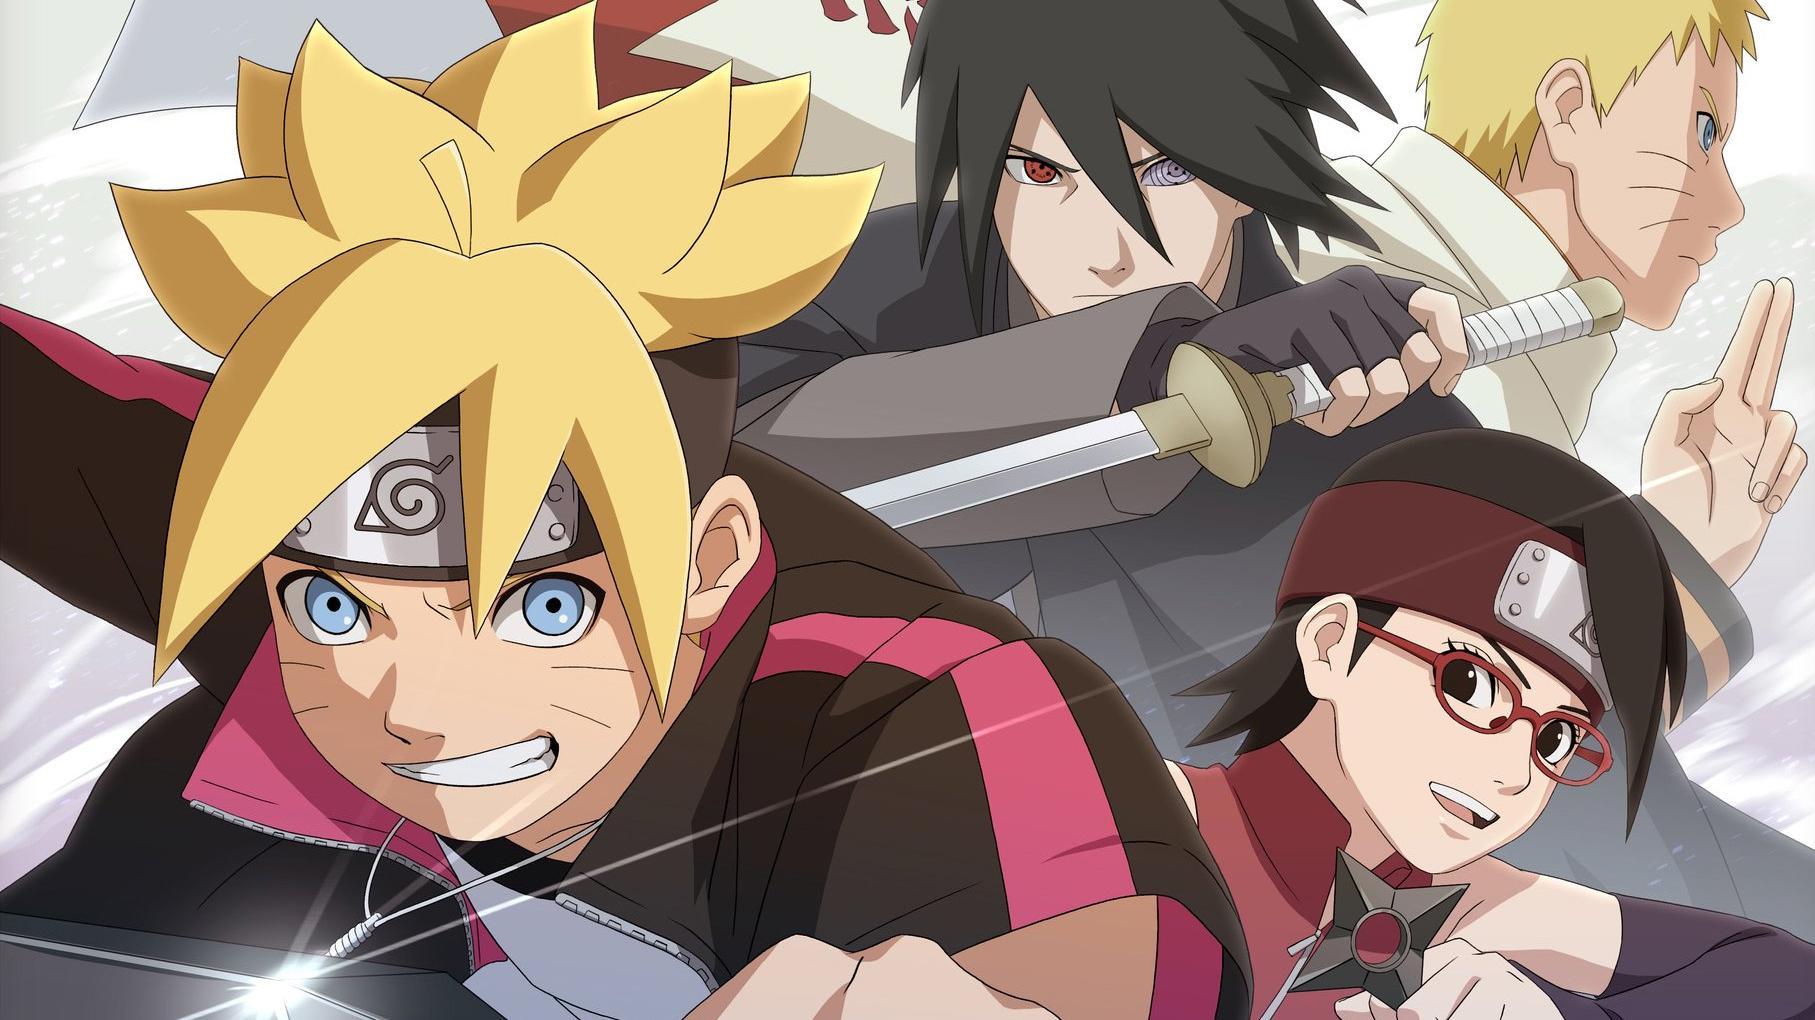 Boruto Naruto Next Generations - Naruto Gaiden Ending